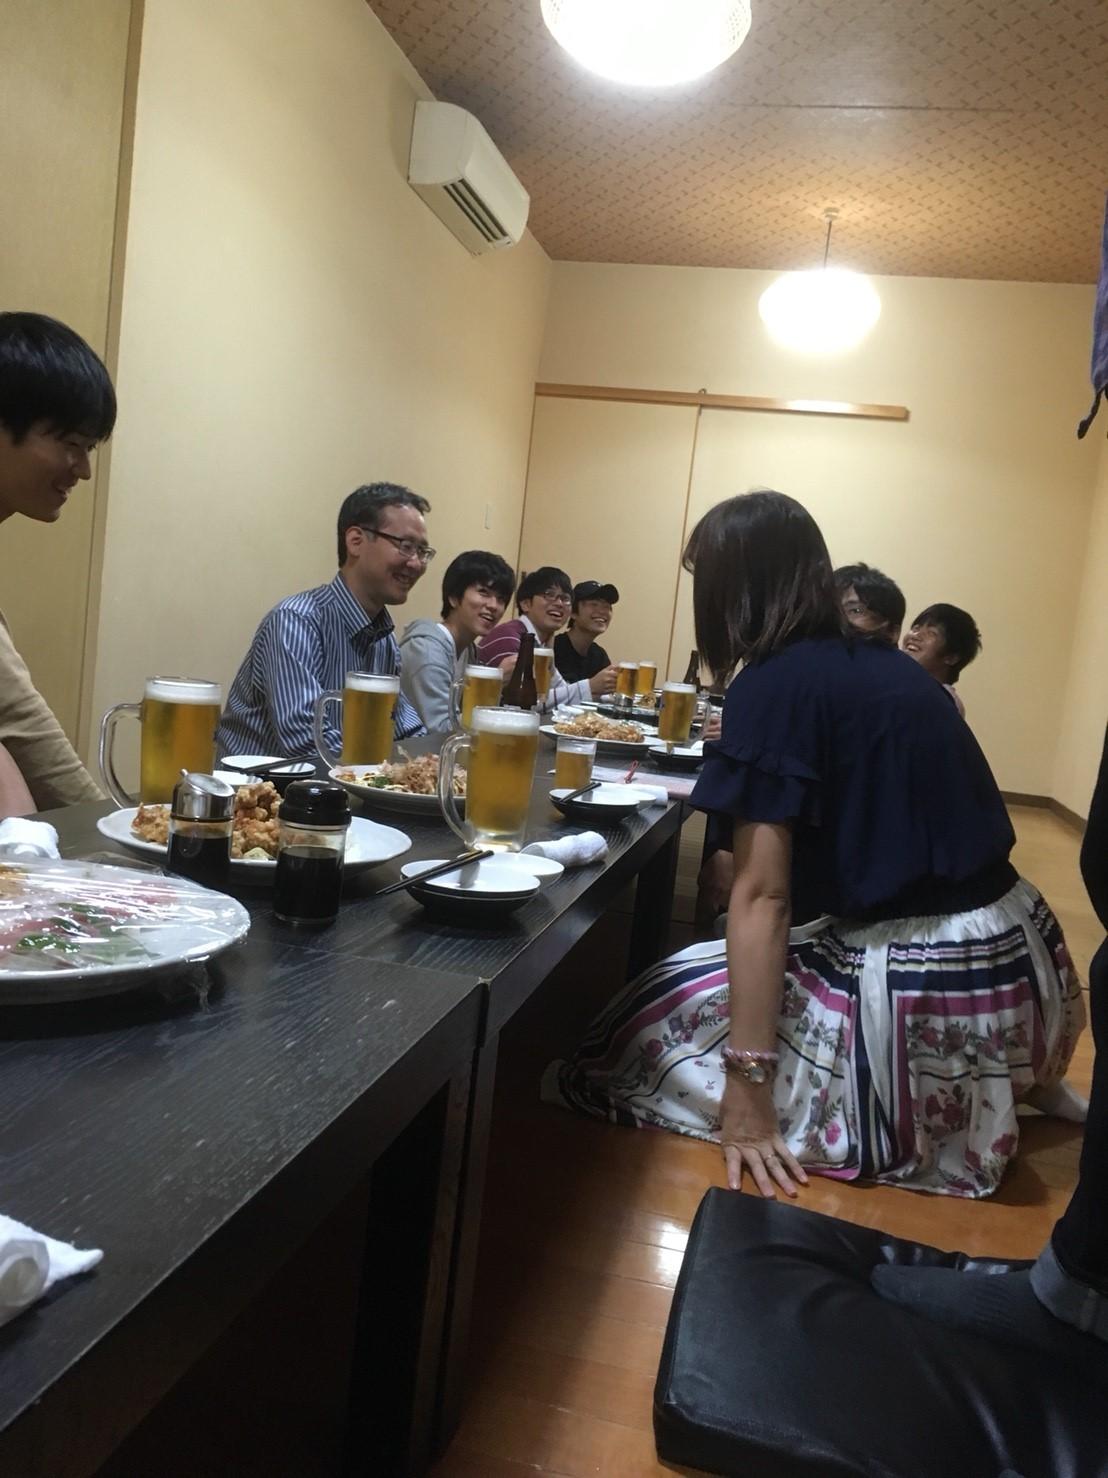 門田先生お誕生日会 20180918_190127_0016